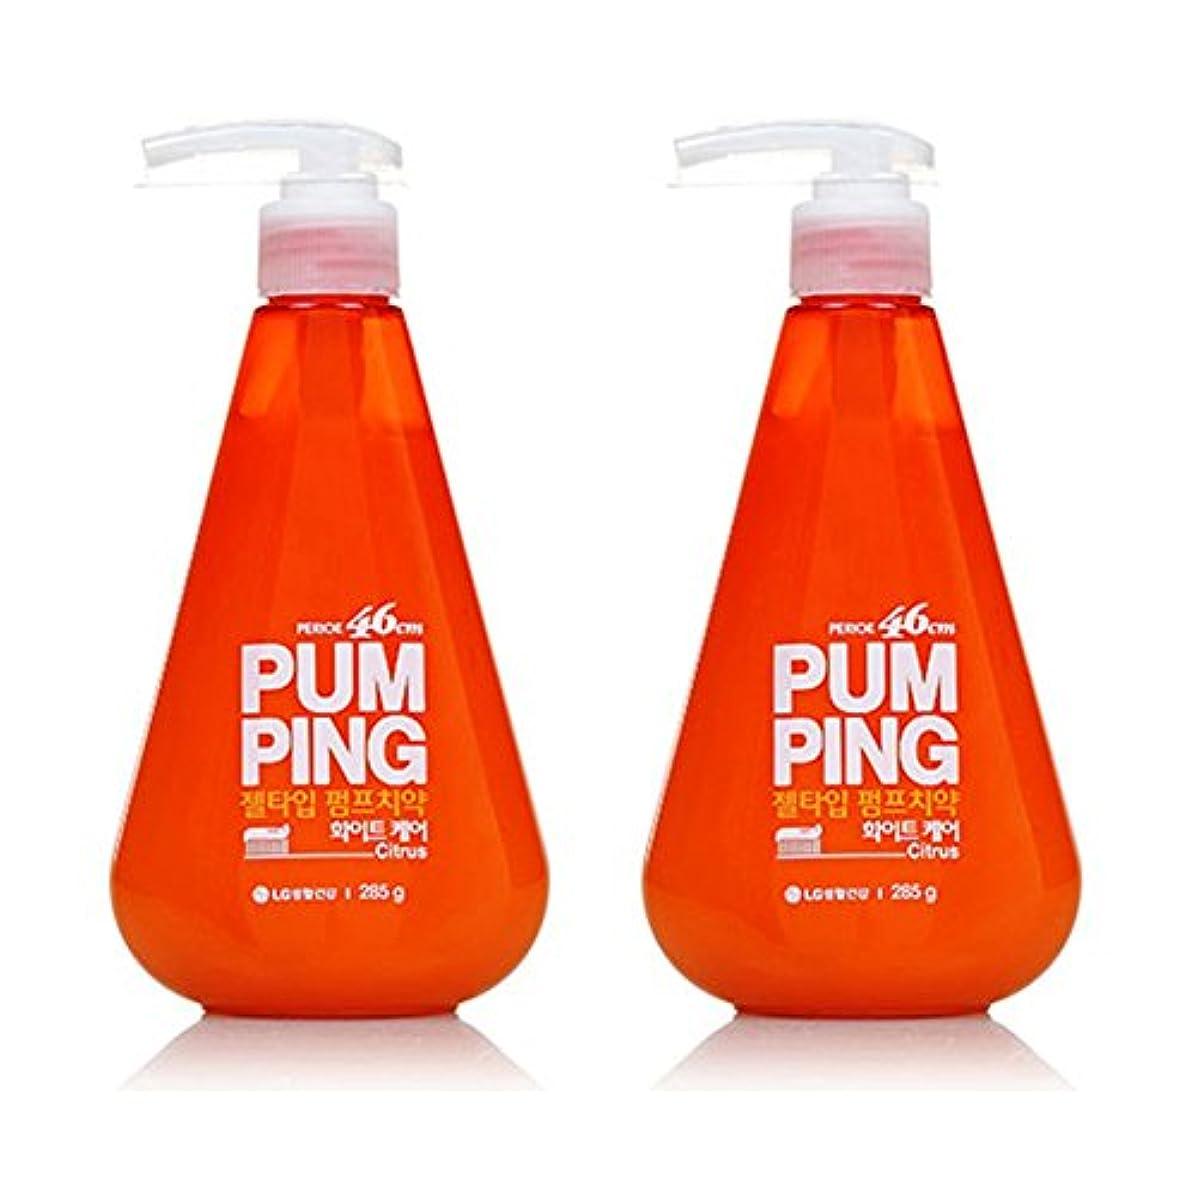 ブームどれねばねば(ぺリオ) PERIO ソンジュンギ 歯磨き粉 ポンピング大容量 285g*2個 (シトラス+シトラス) [並行輸入品]